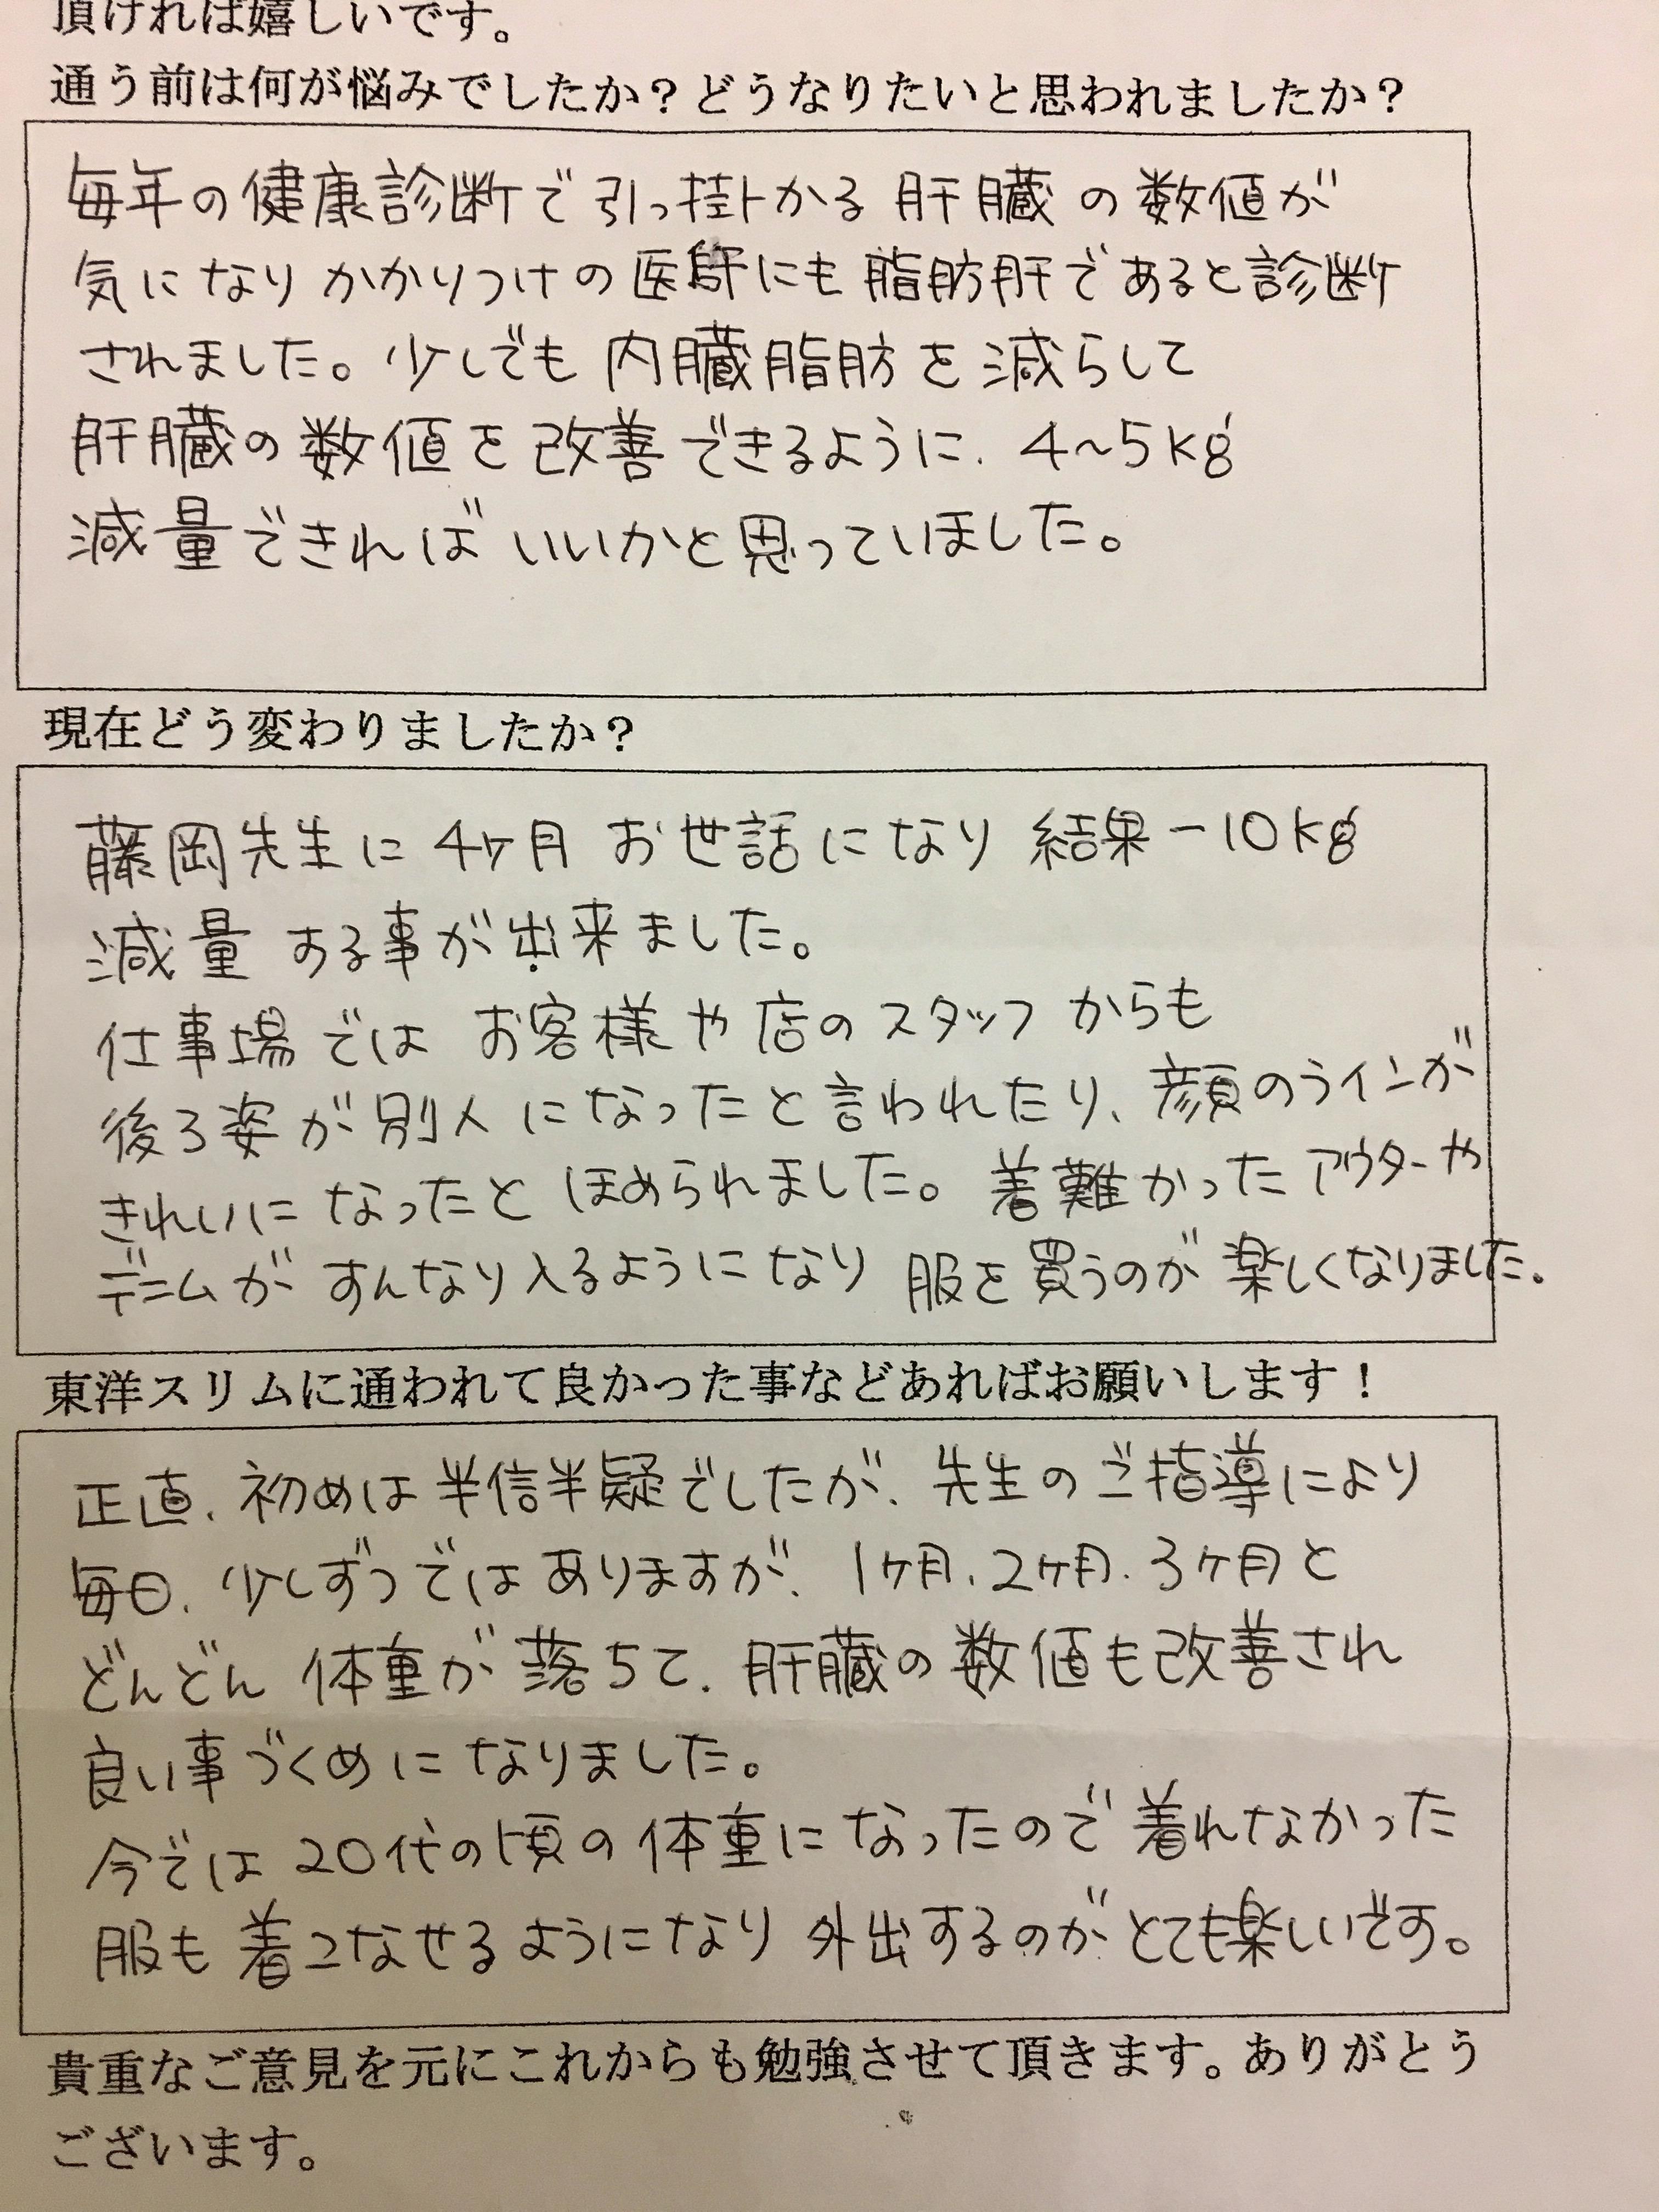 大阪市阿倍野区Hさん49才耳つぼ痩身法で10kgダイエット。脂肪肝も改善。